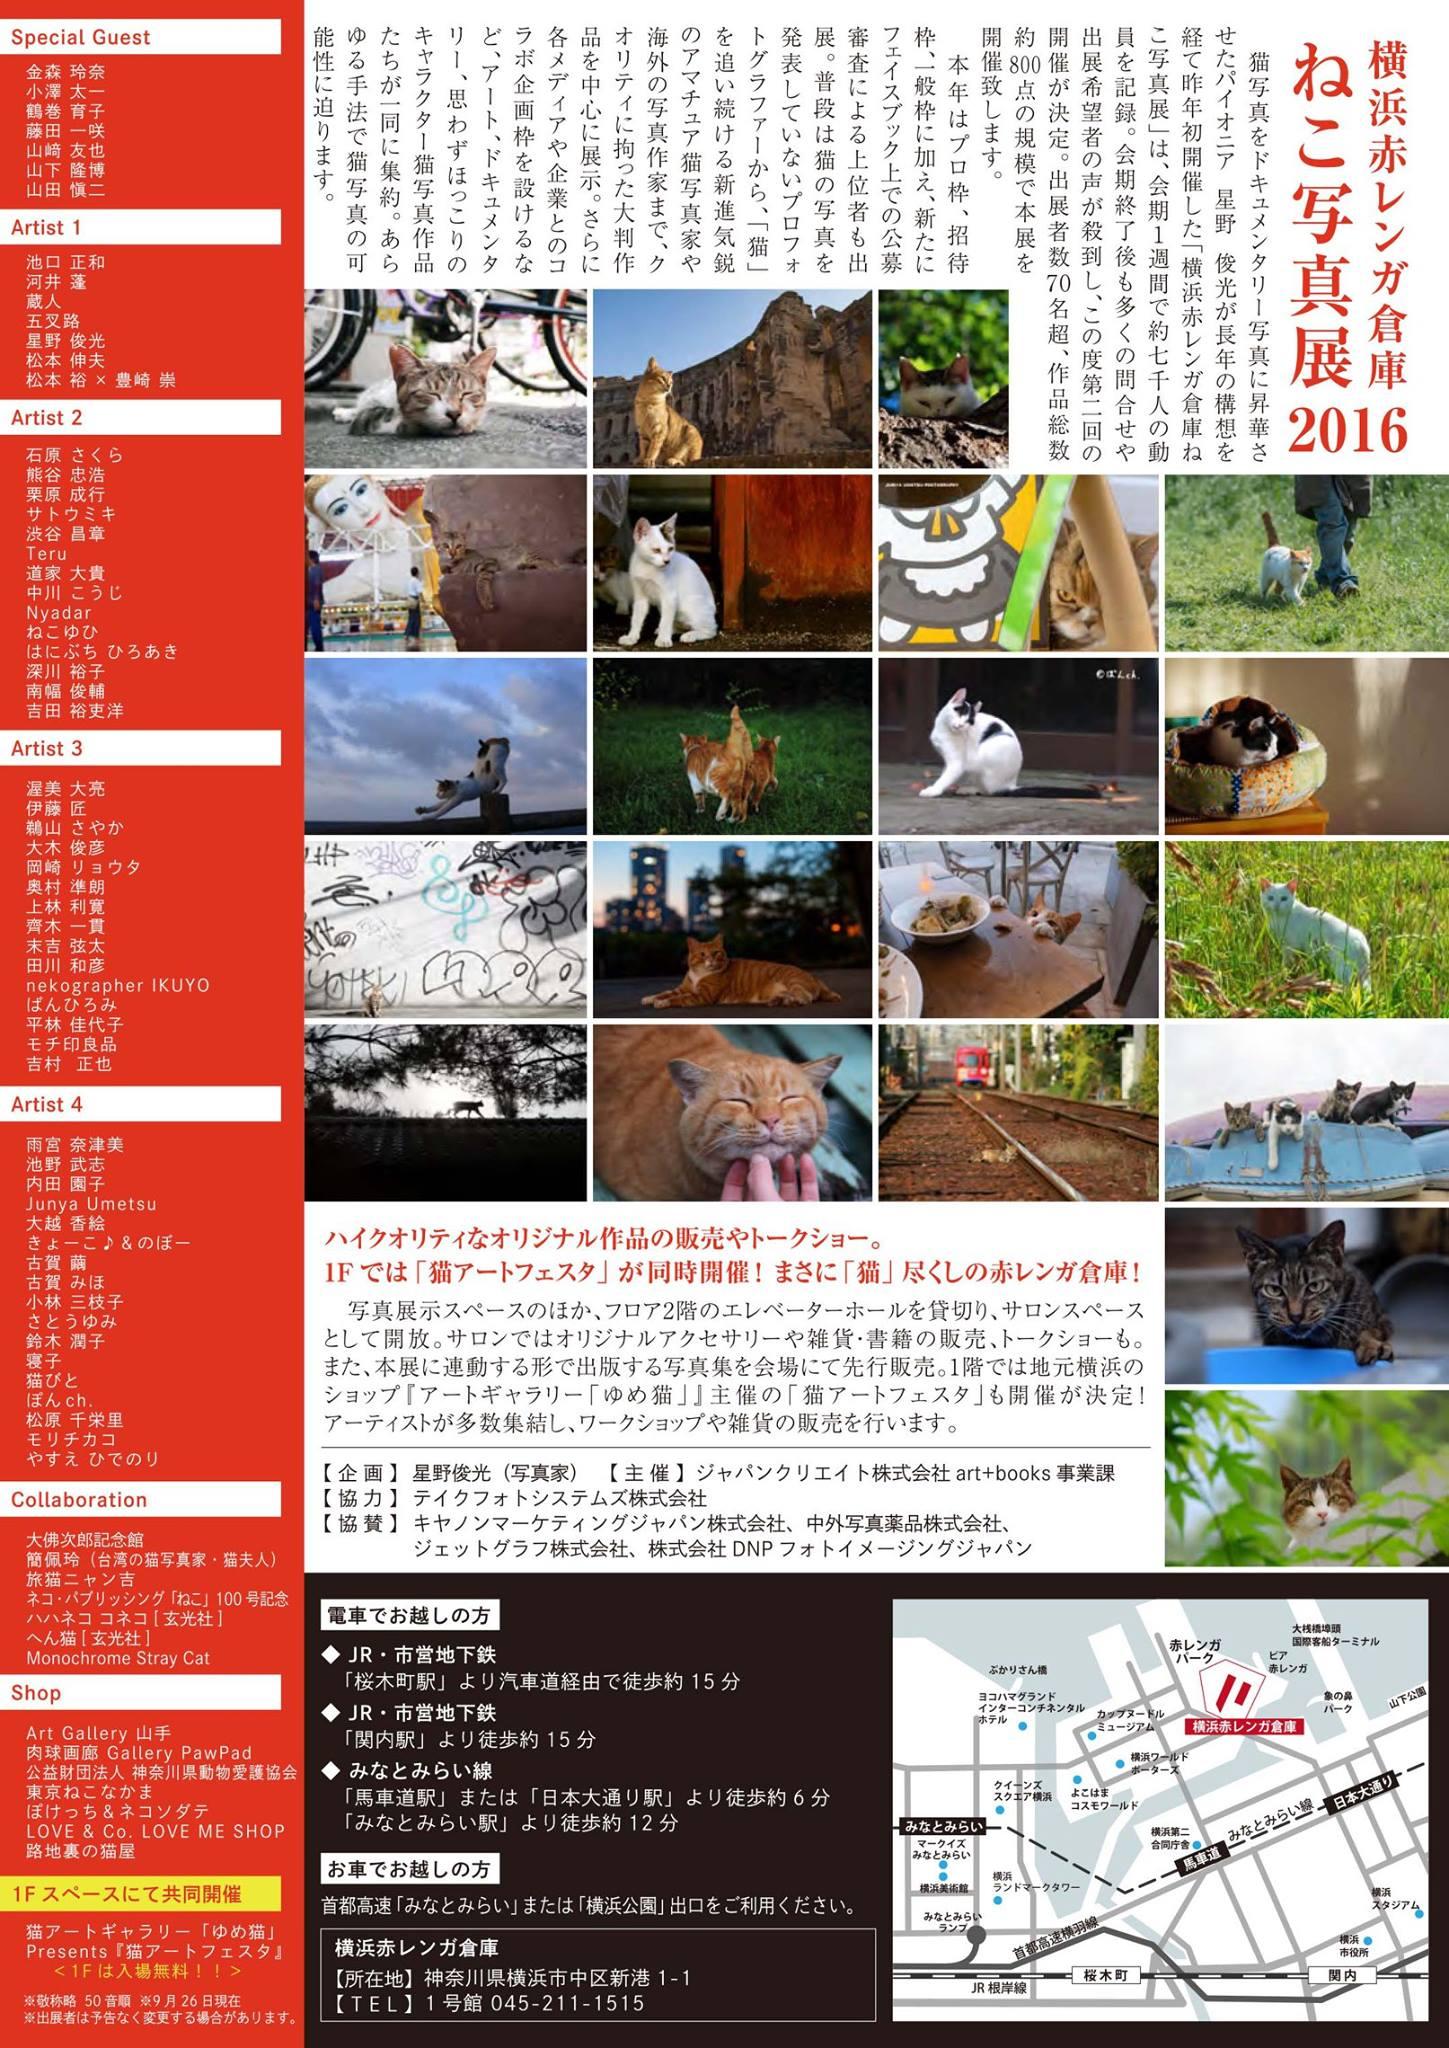 横浜赤レンガ倉庫 ねこ写真展 2016  ~今を生きる猫たちのキロク・キオク~_c0194541_2094589.jpg